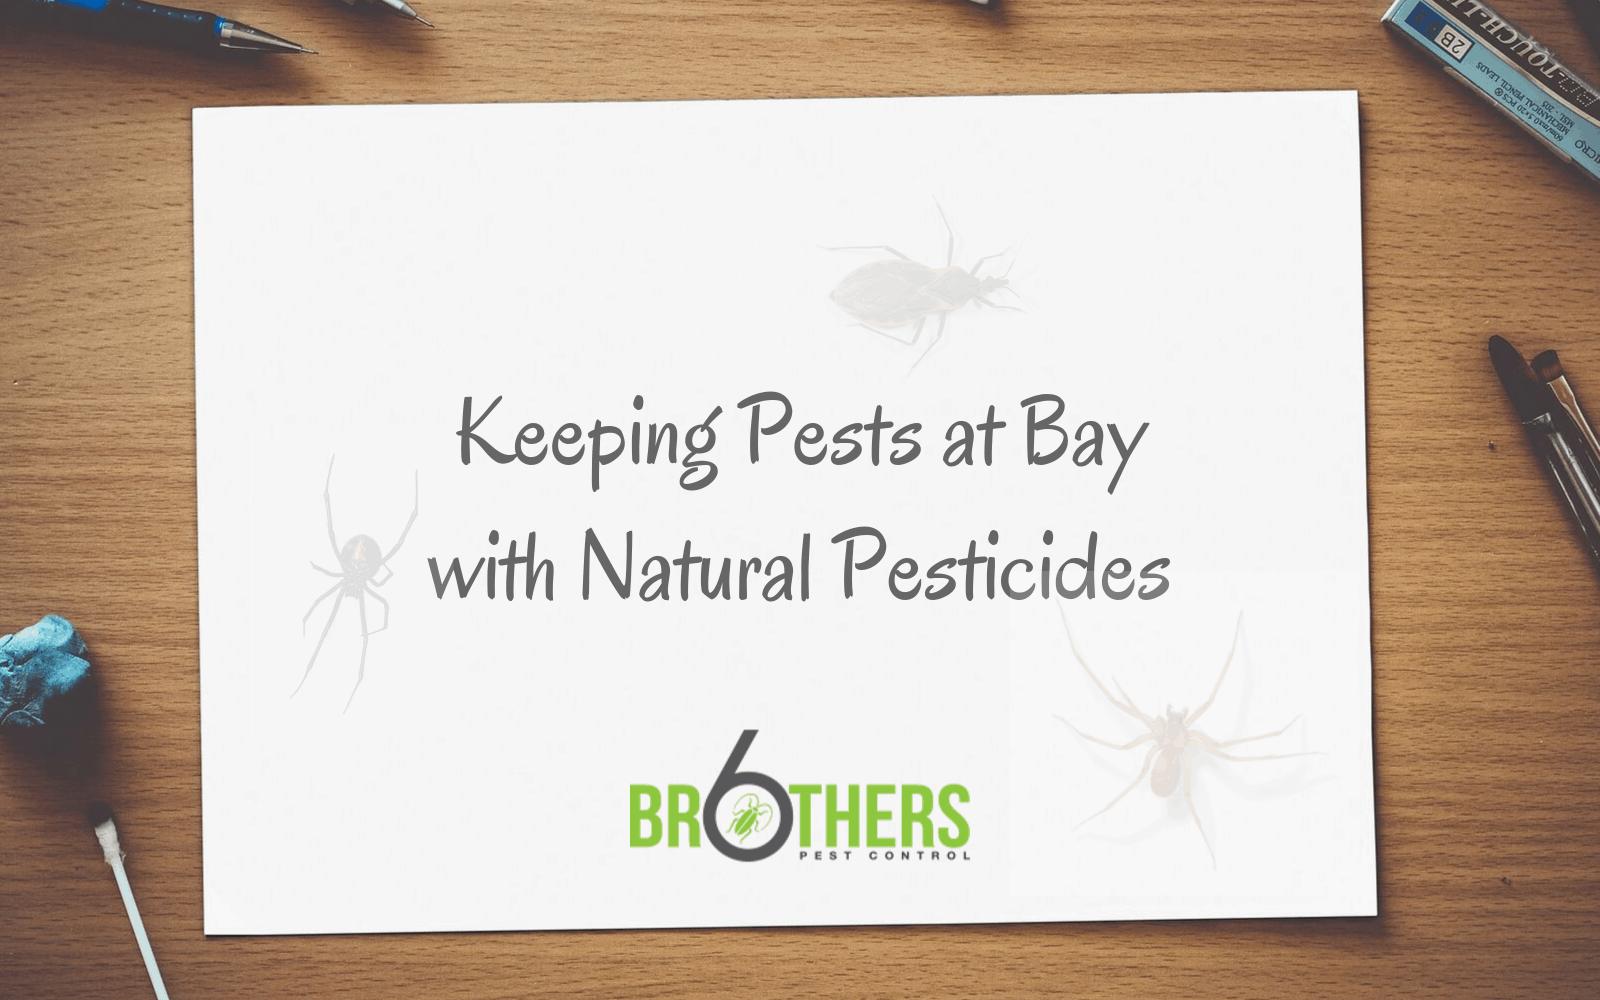 Natural Pesticides to Keep Pests Away